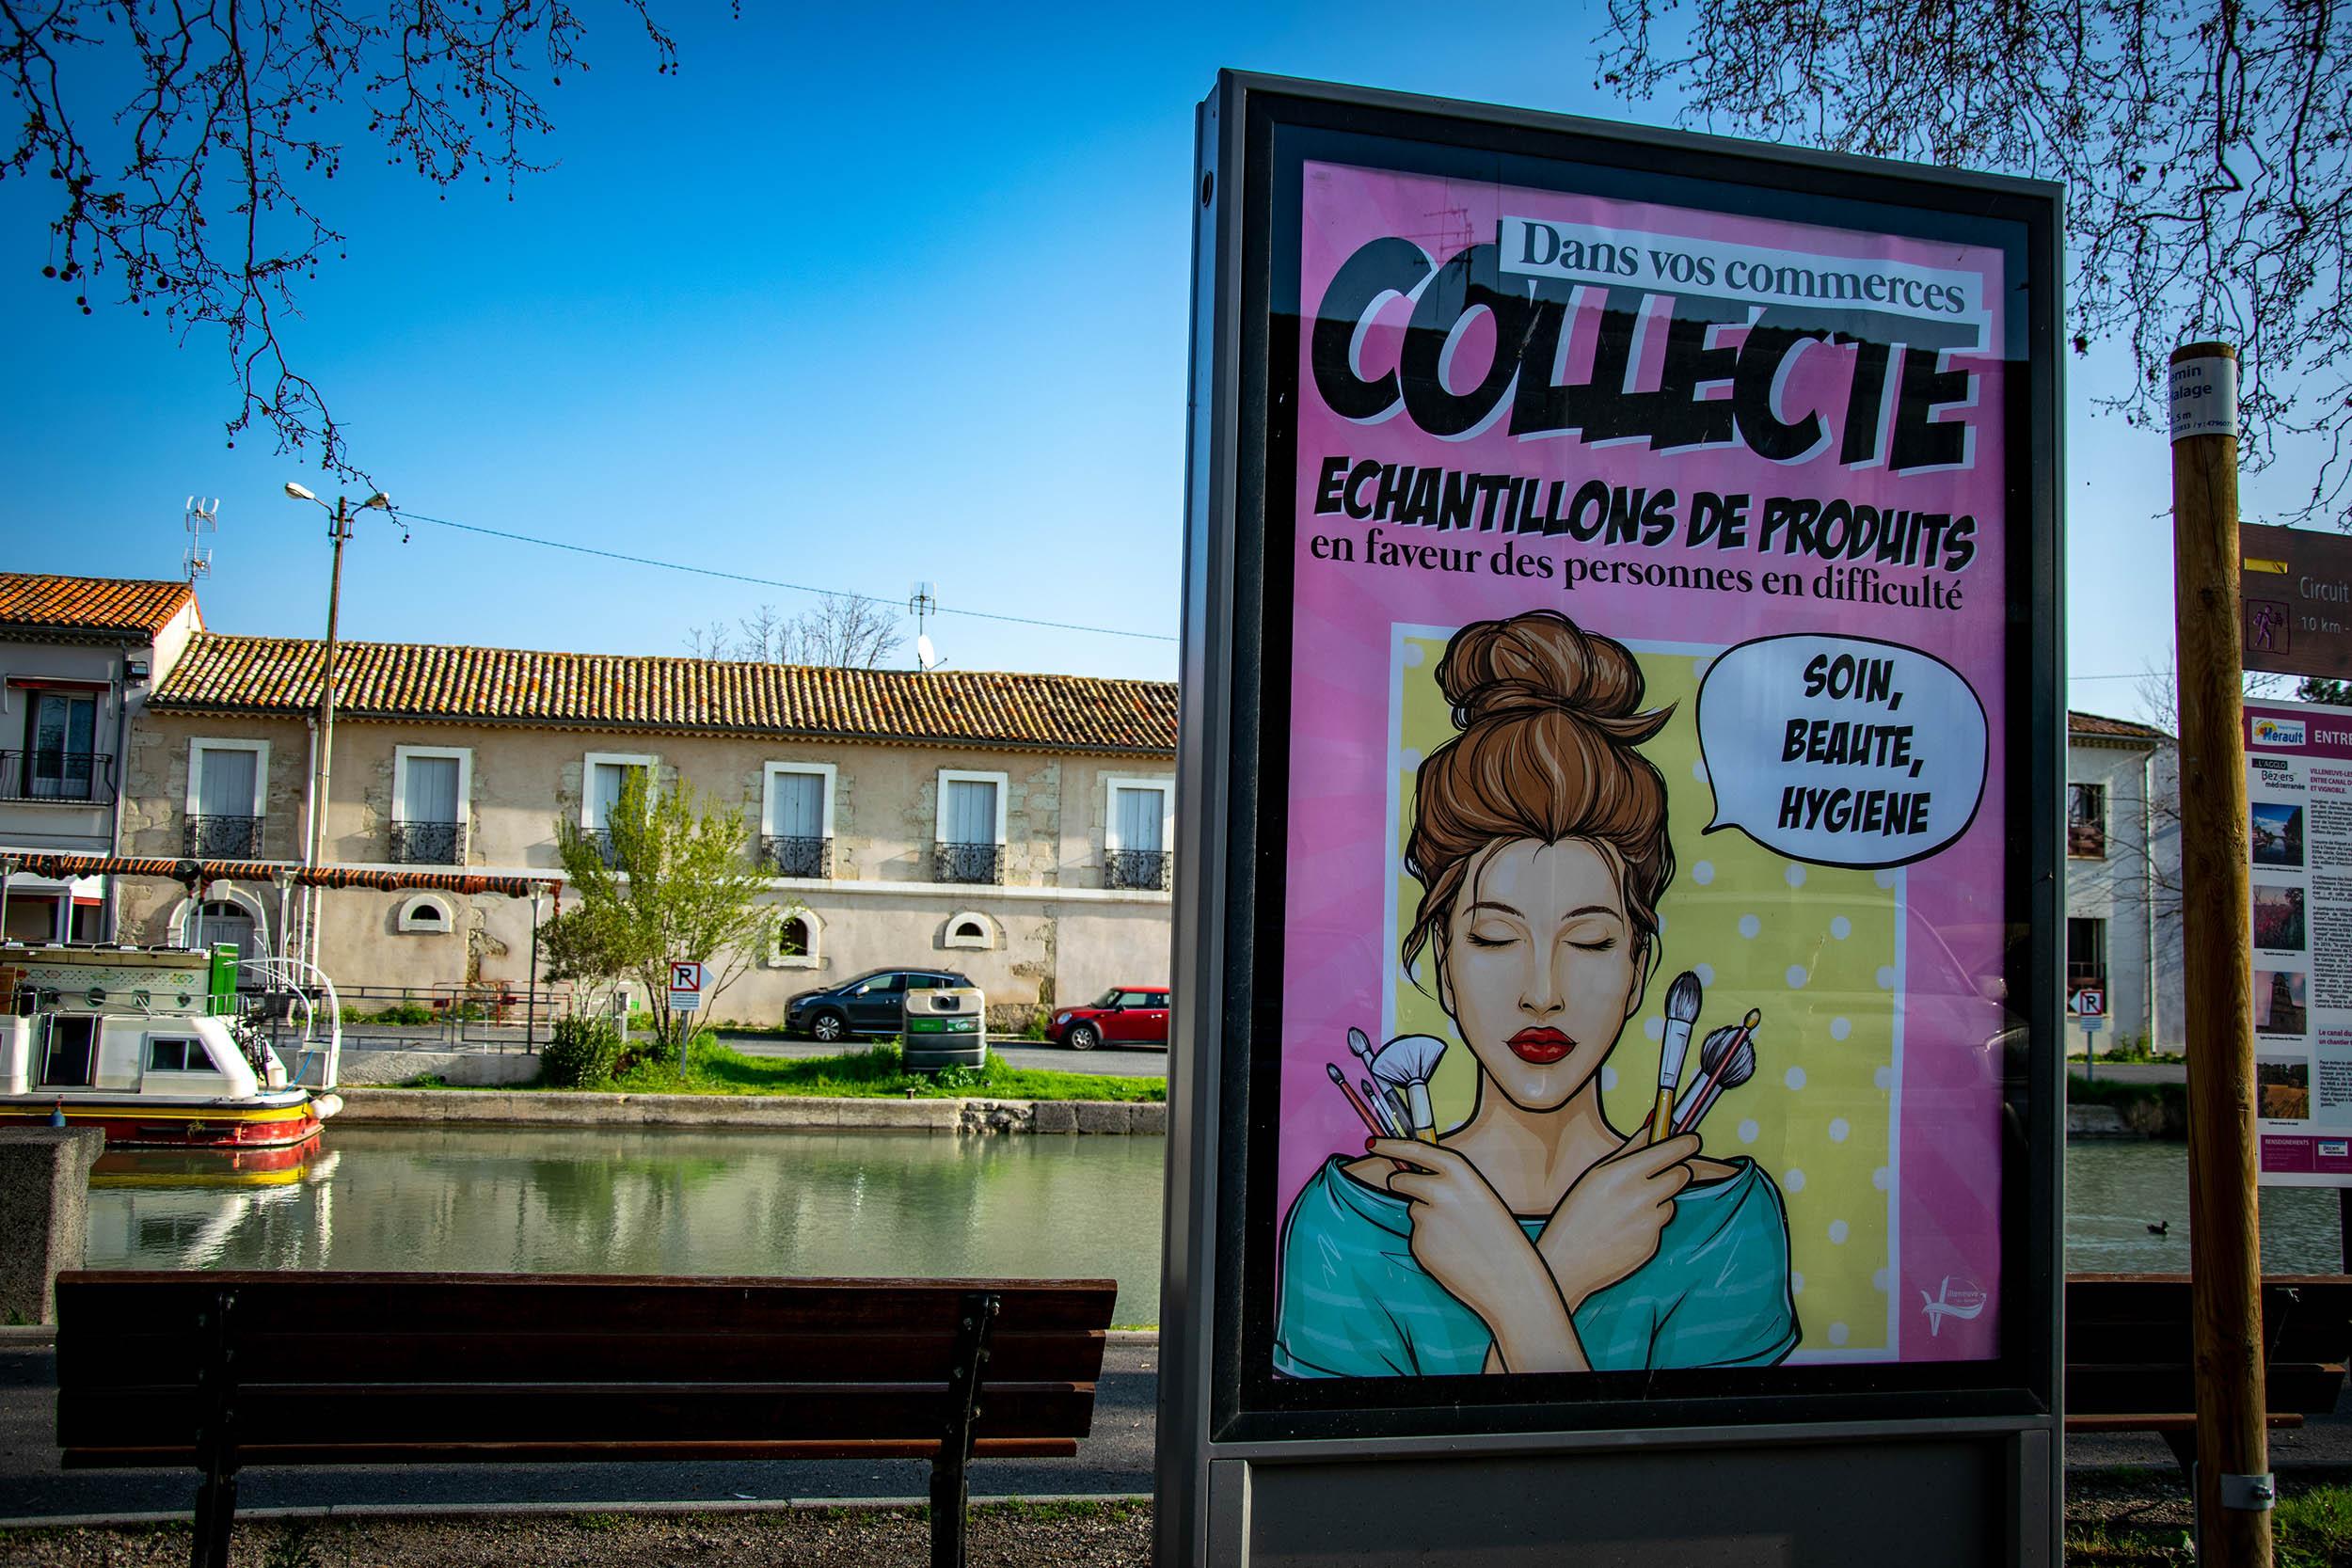 Read more about the article Collecte d'échantillons